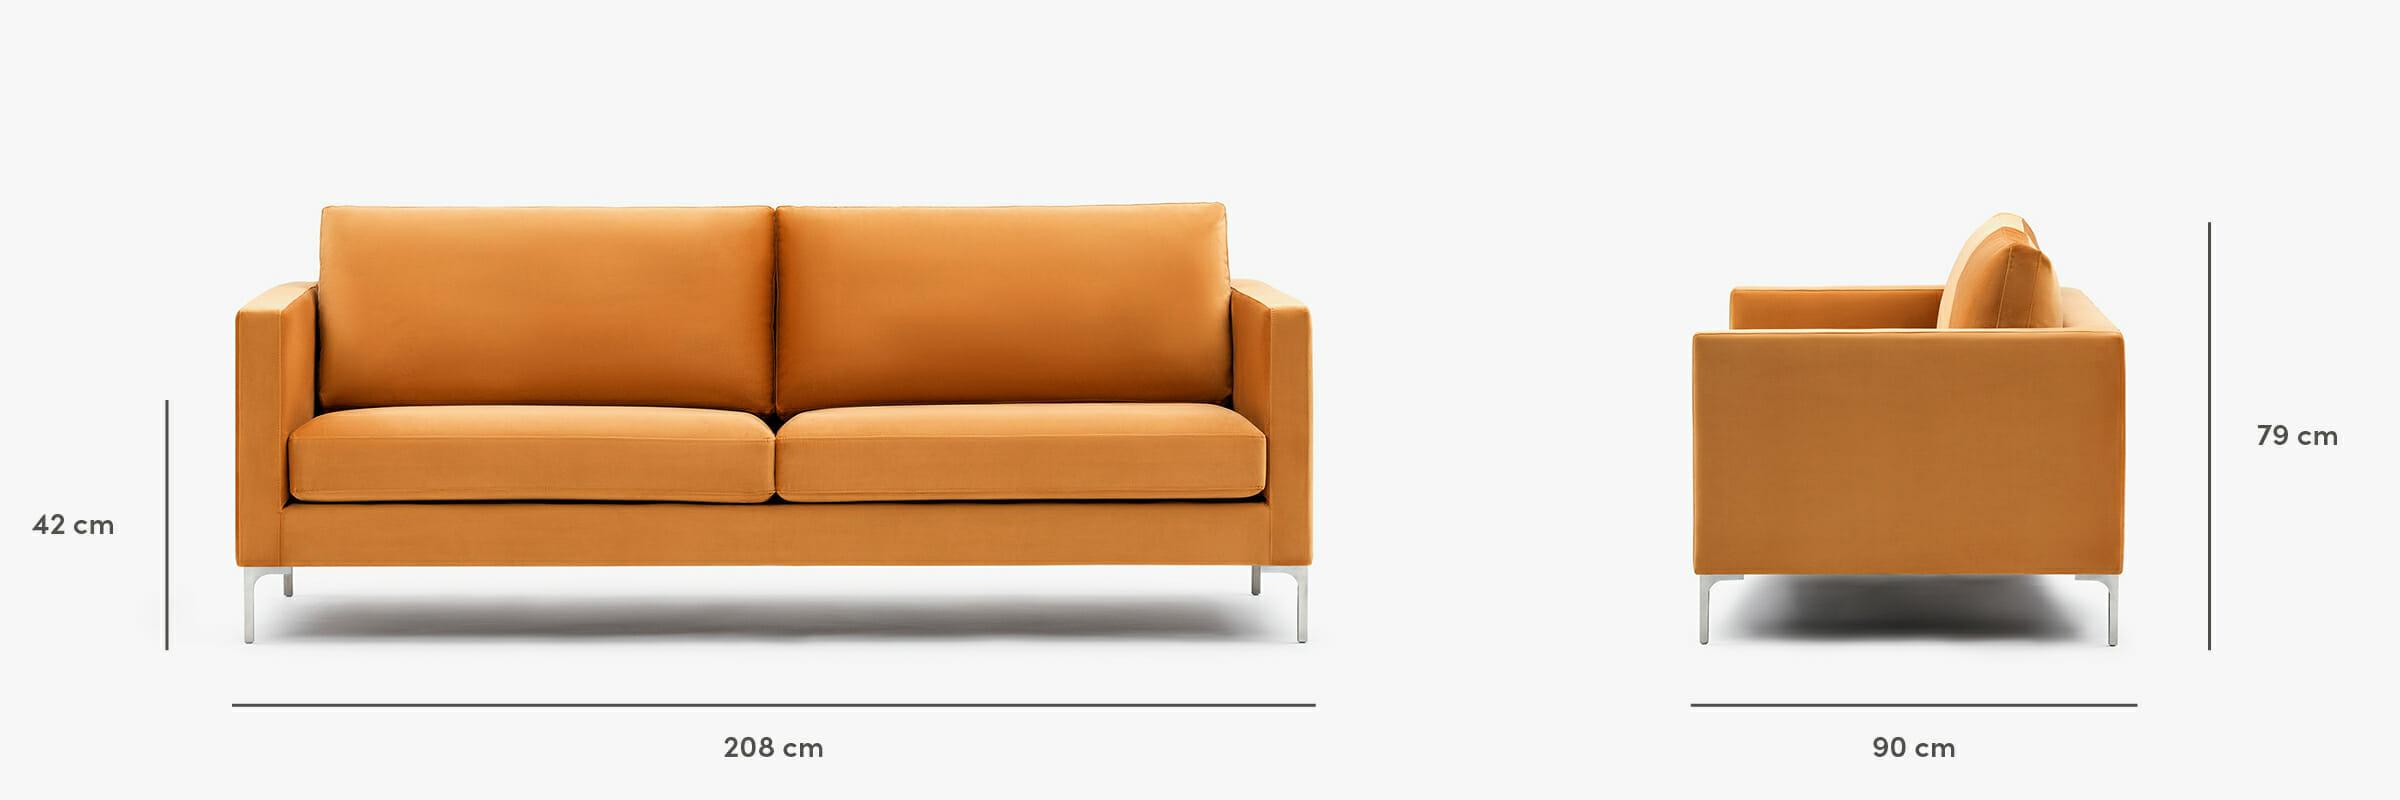 Sofa Monaco - dimensions